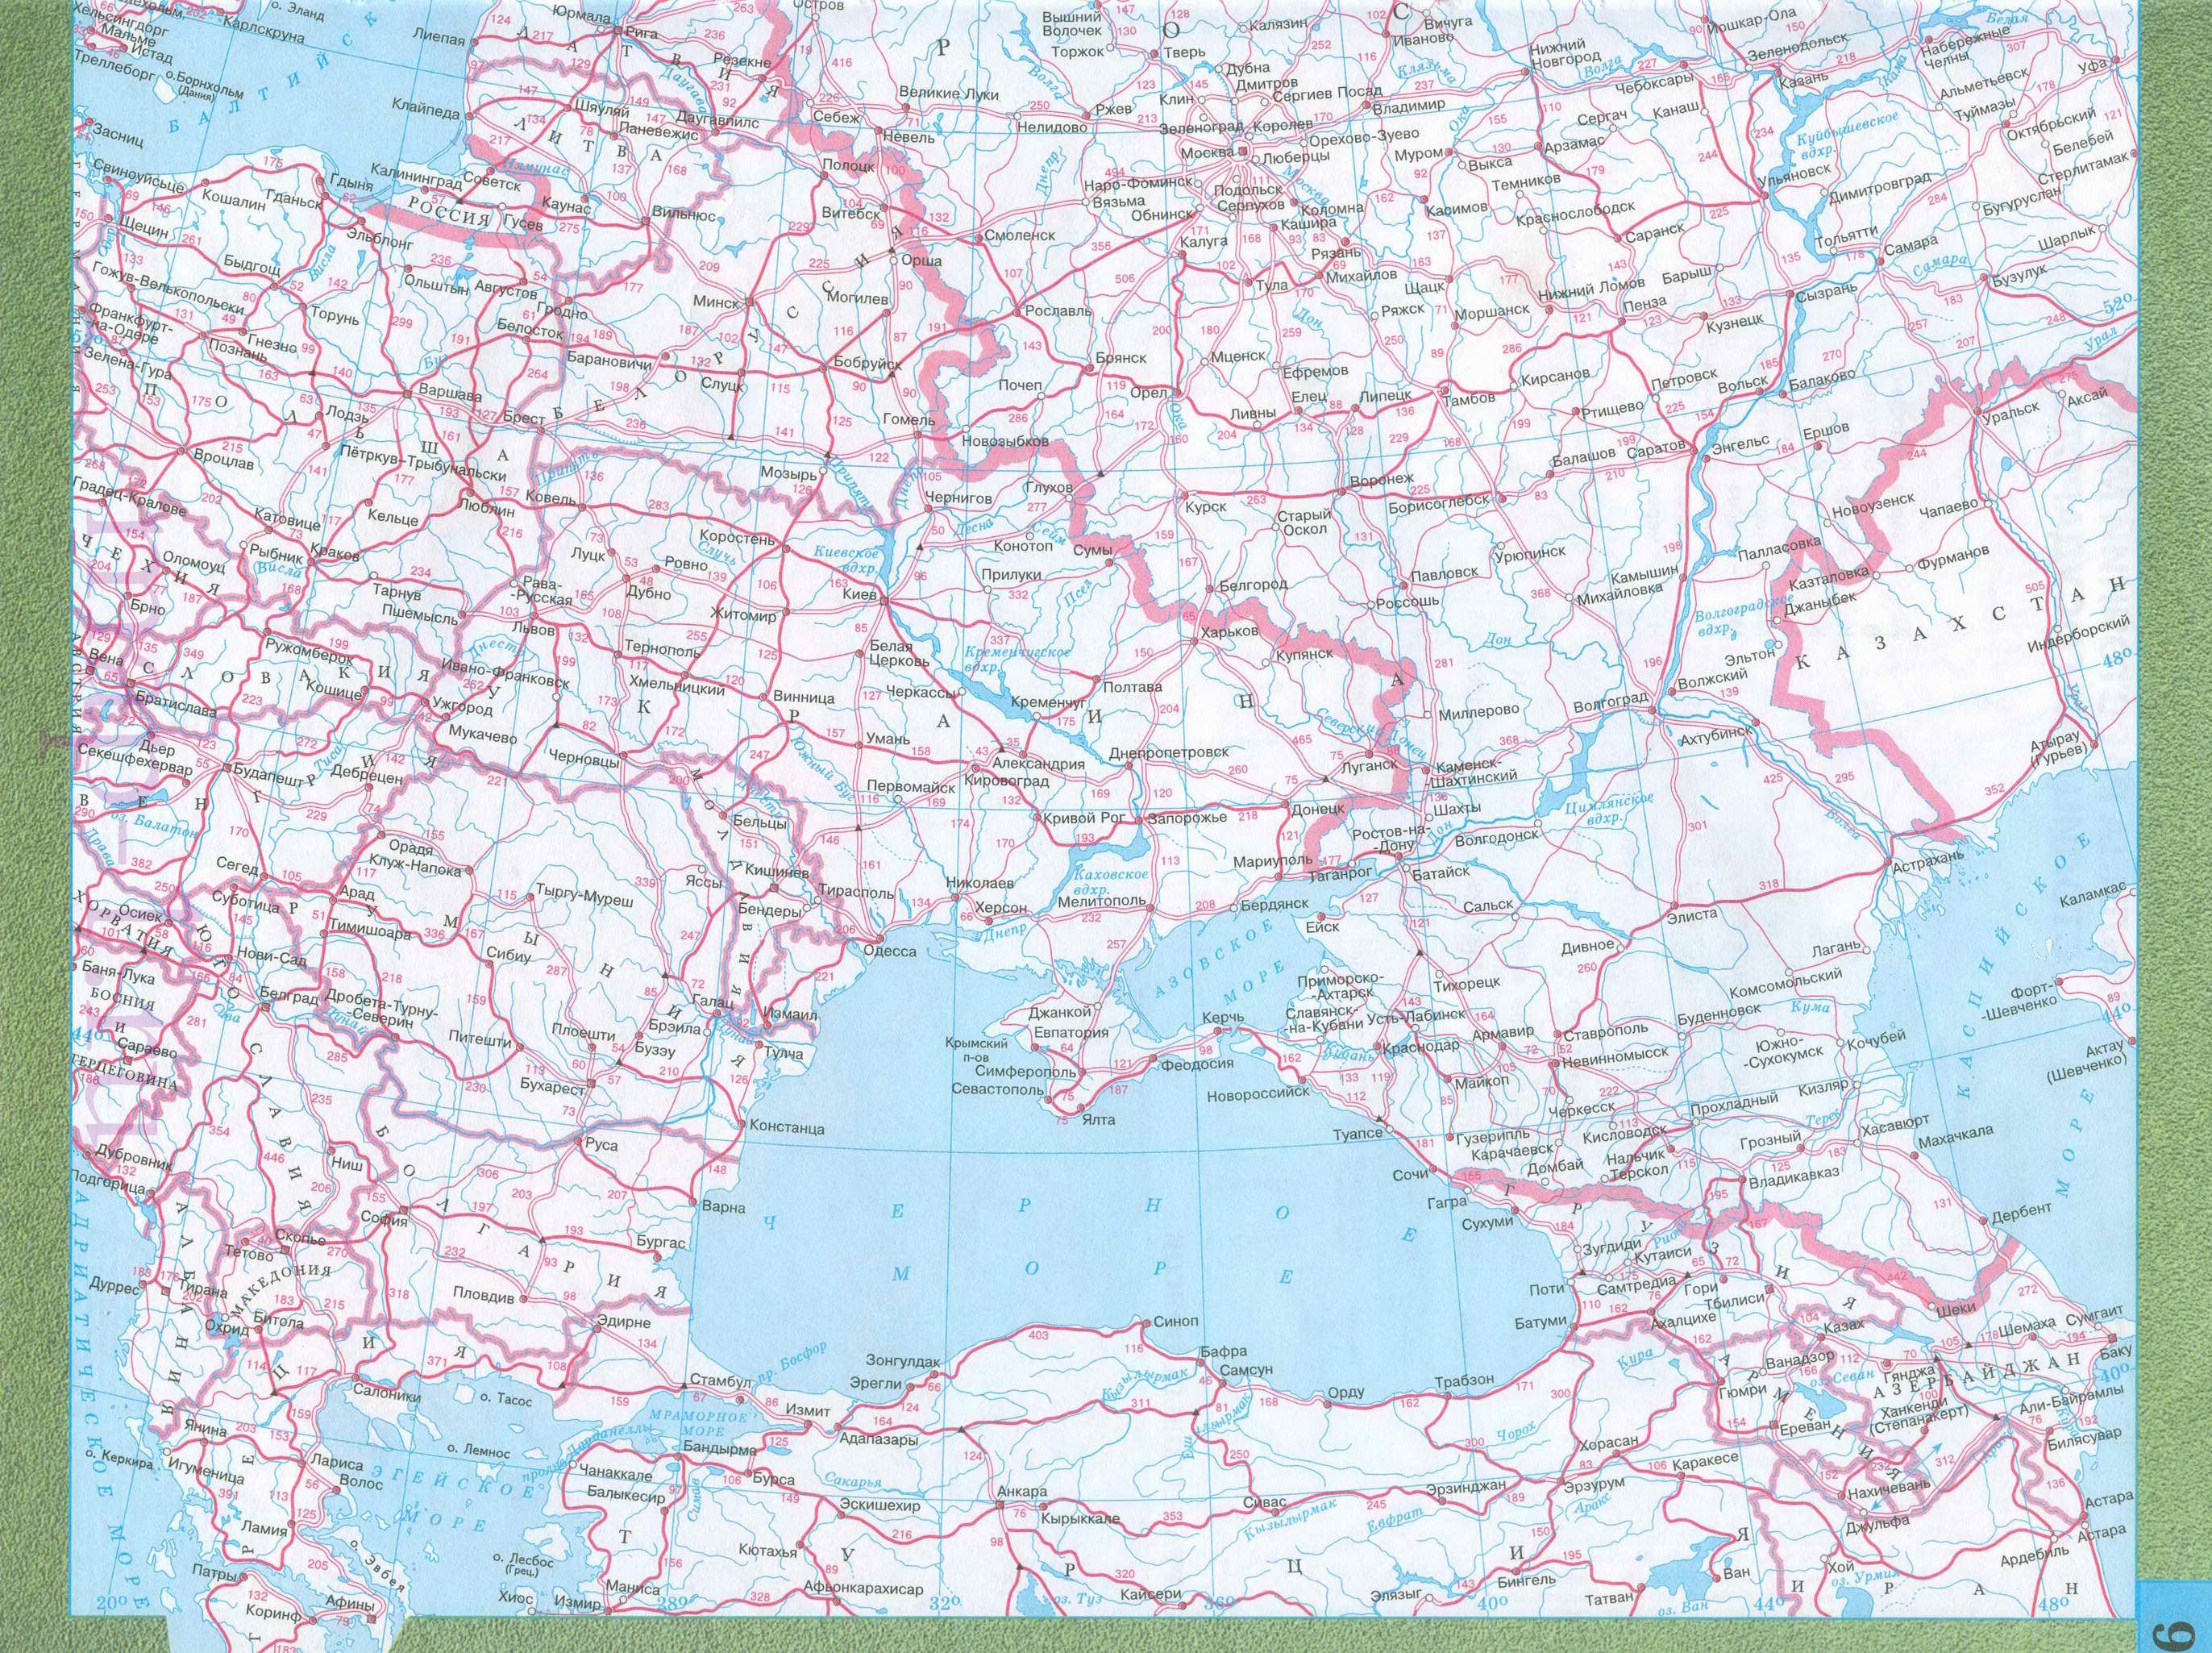 Западной и восточной европы на